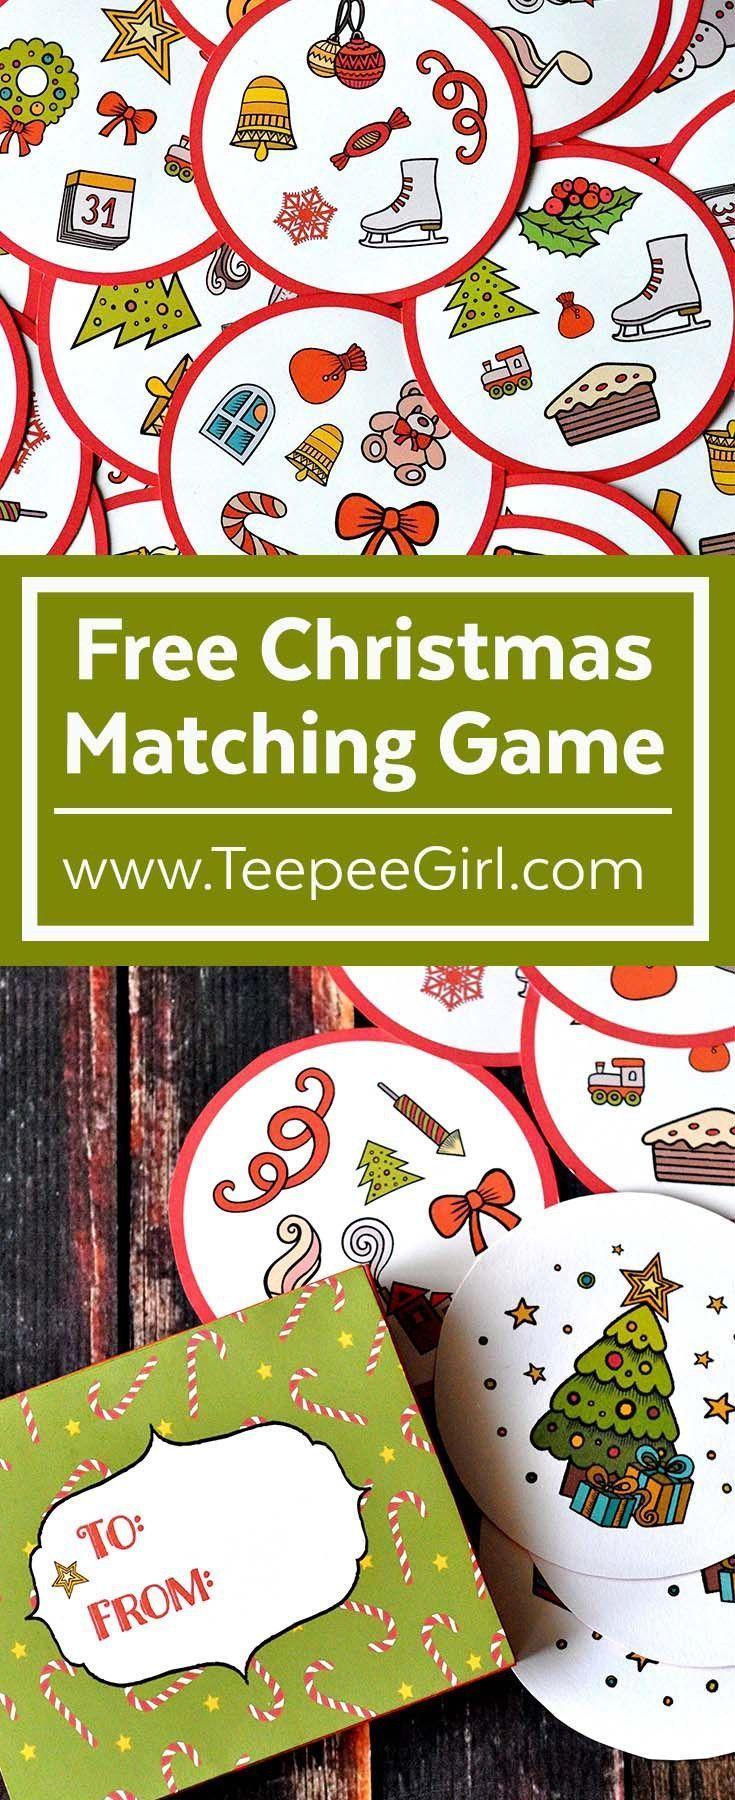 Efl juegos de navidad para adultos